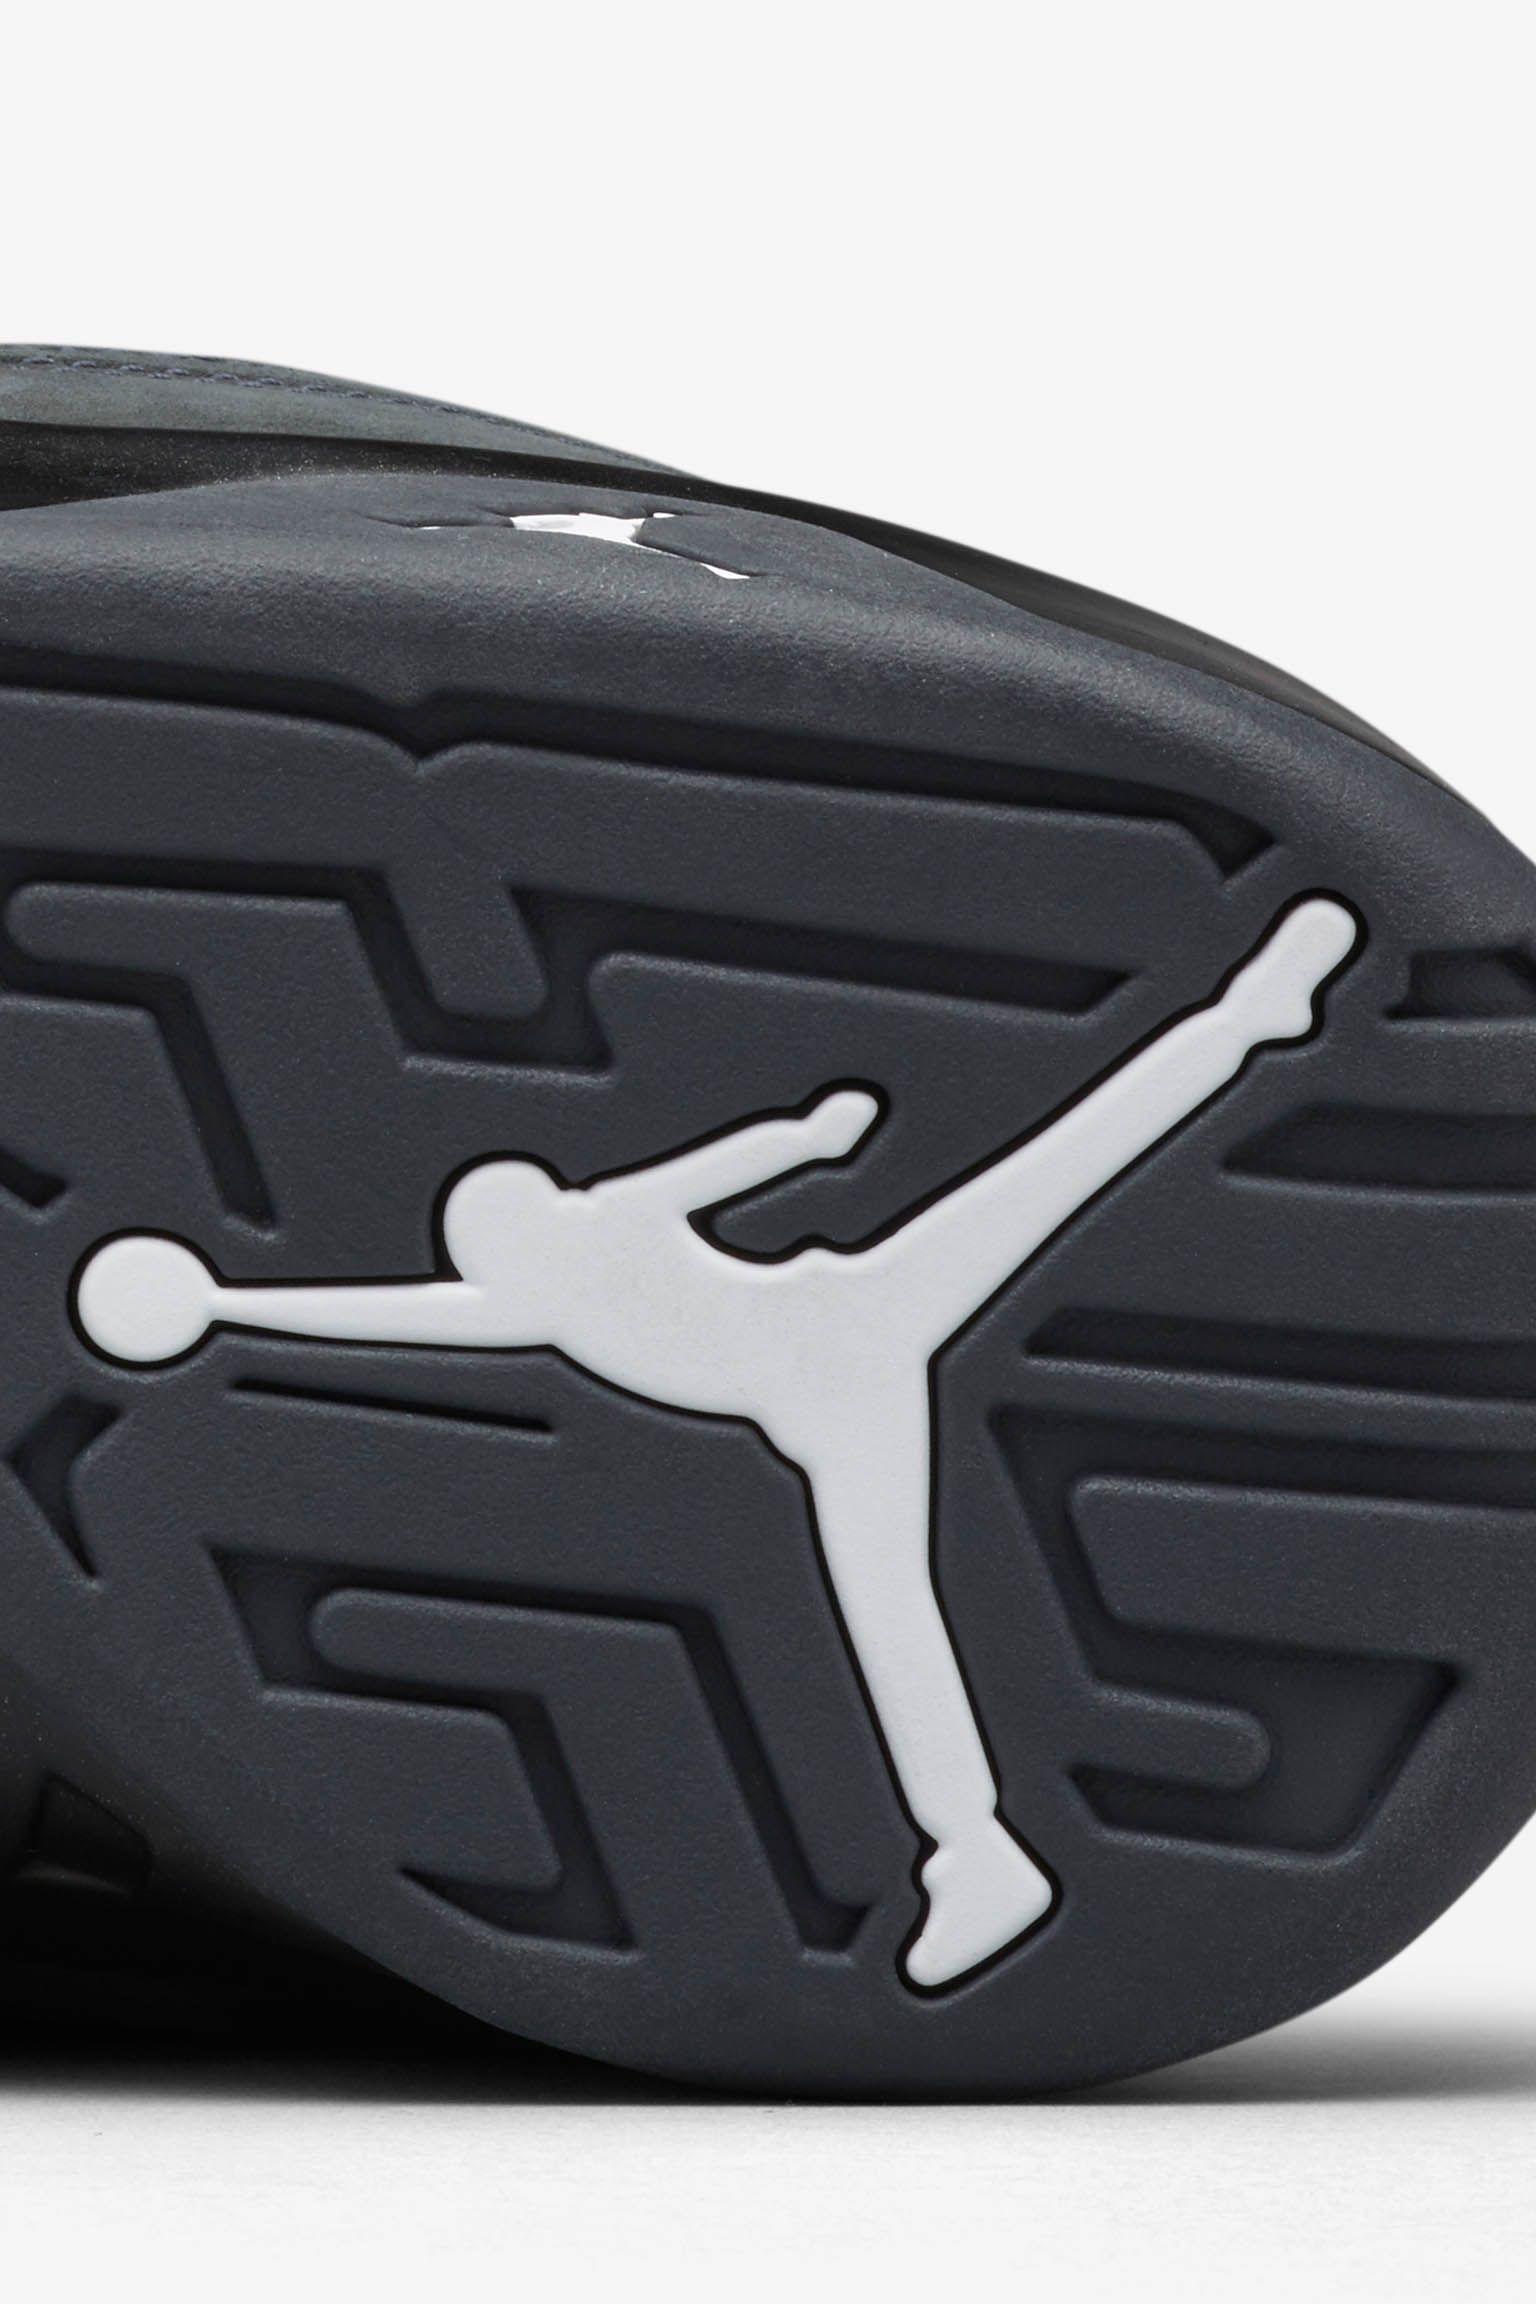 Air Jordan 9 Retro 'Anthracite' Release Date